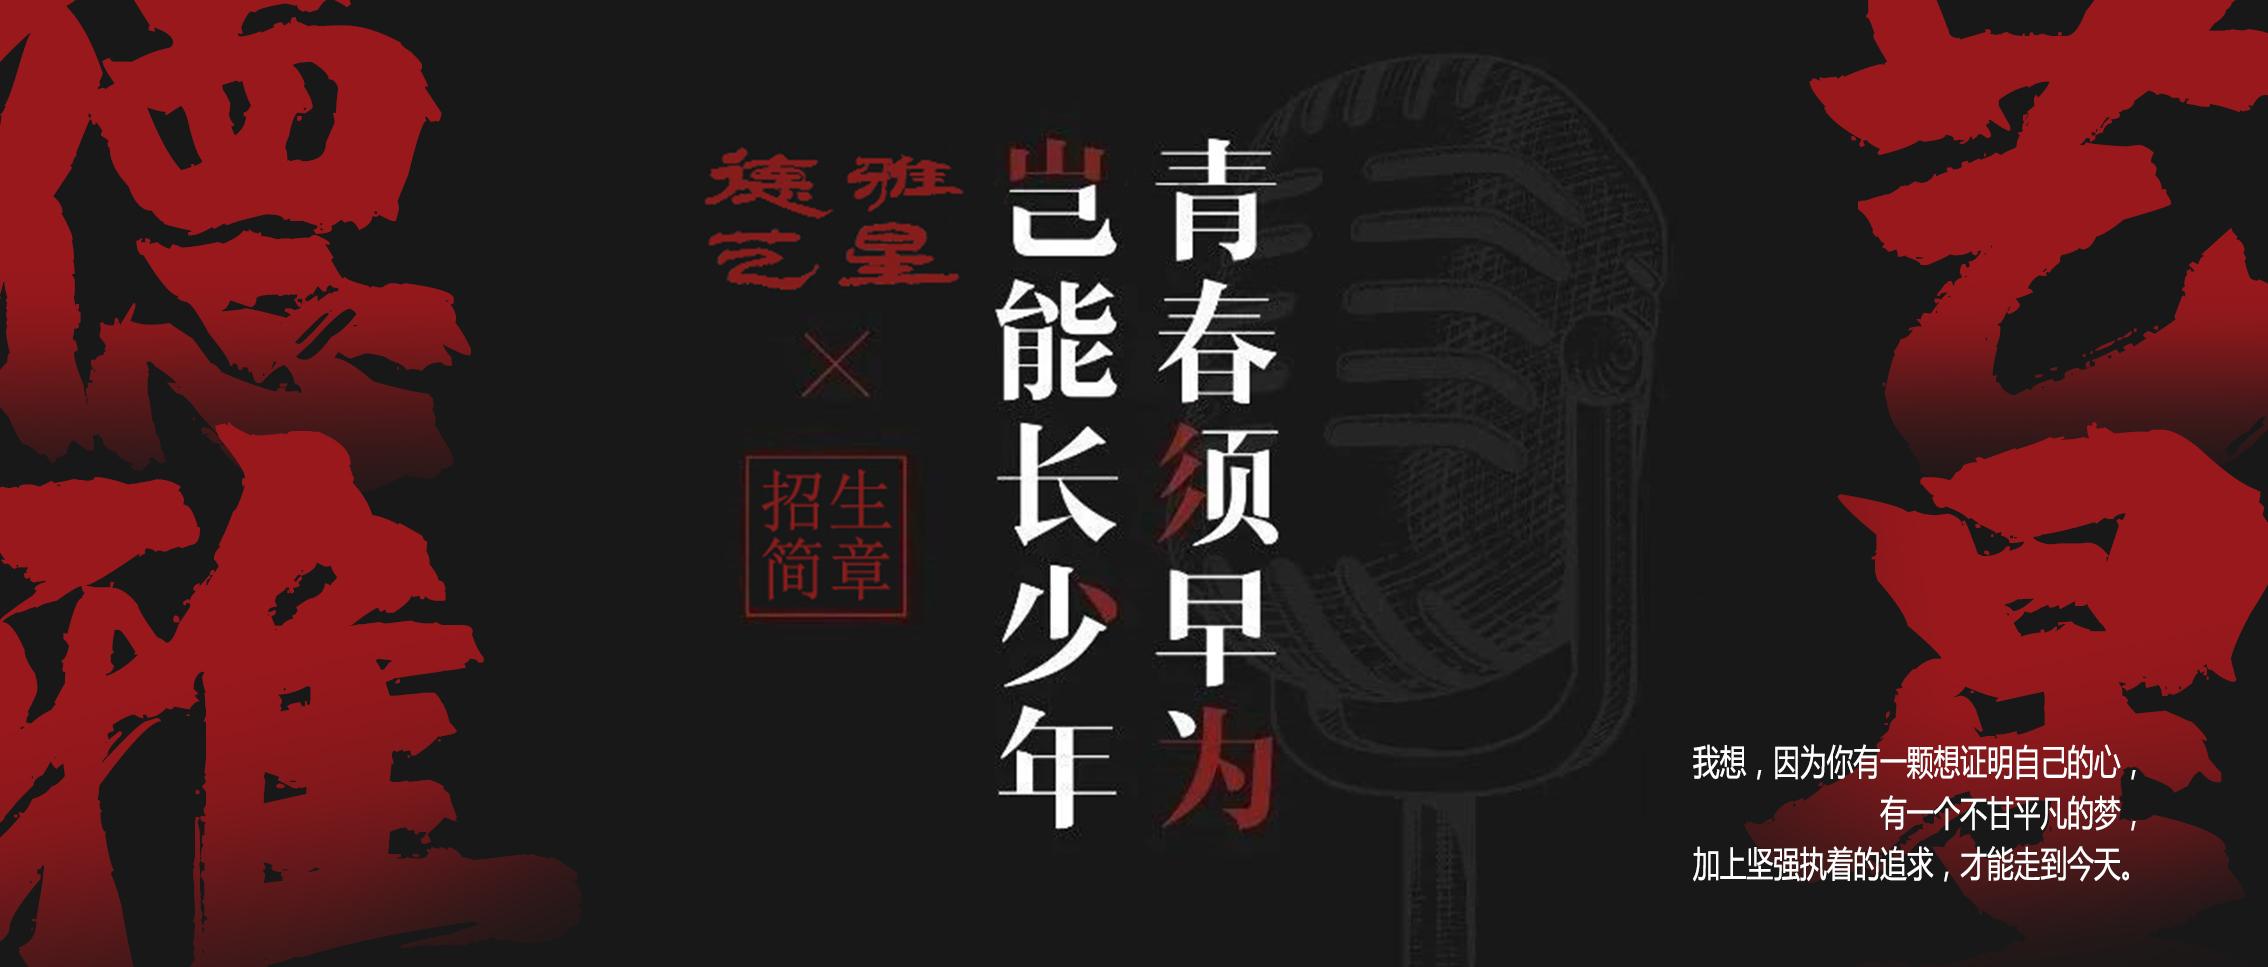 福州德雅艺星艺考培训学校2021届招生简章